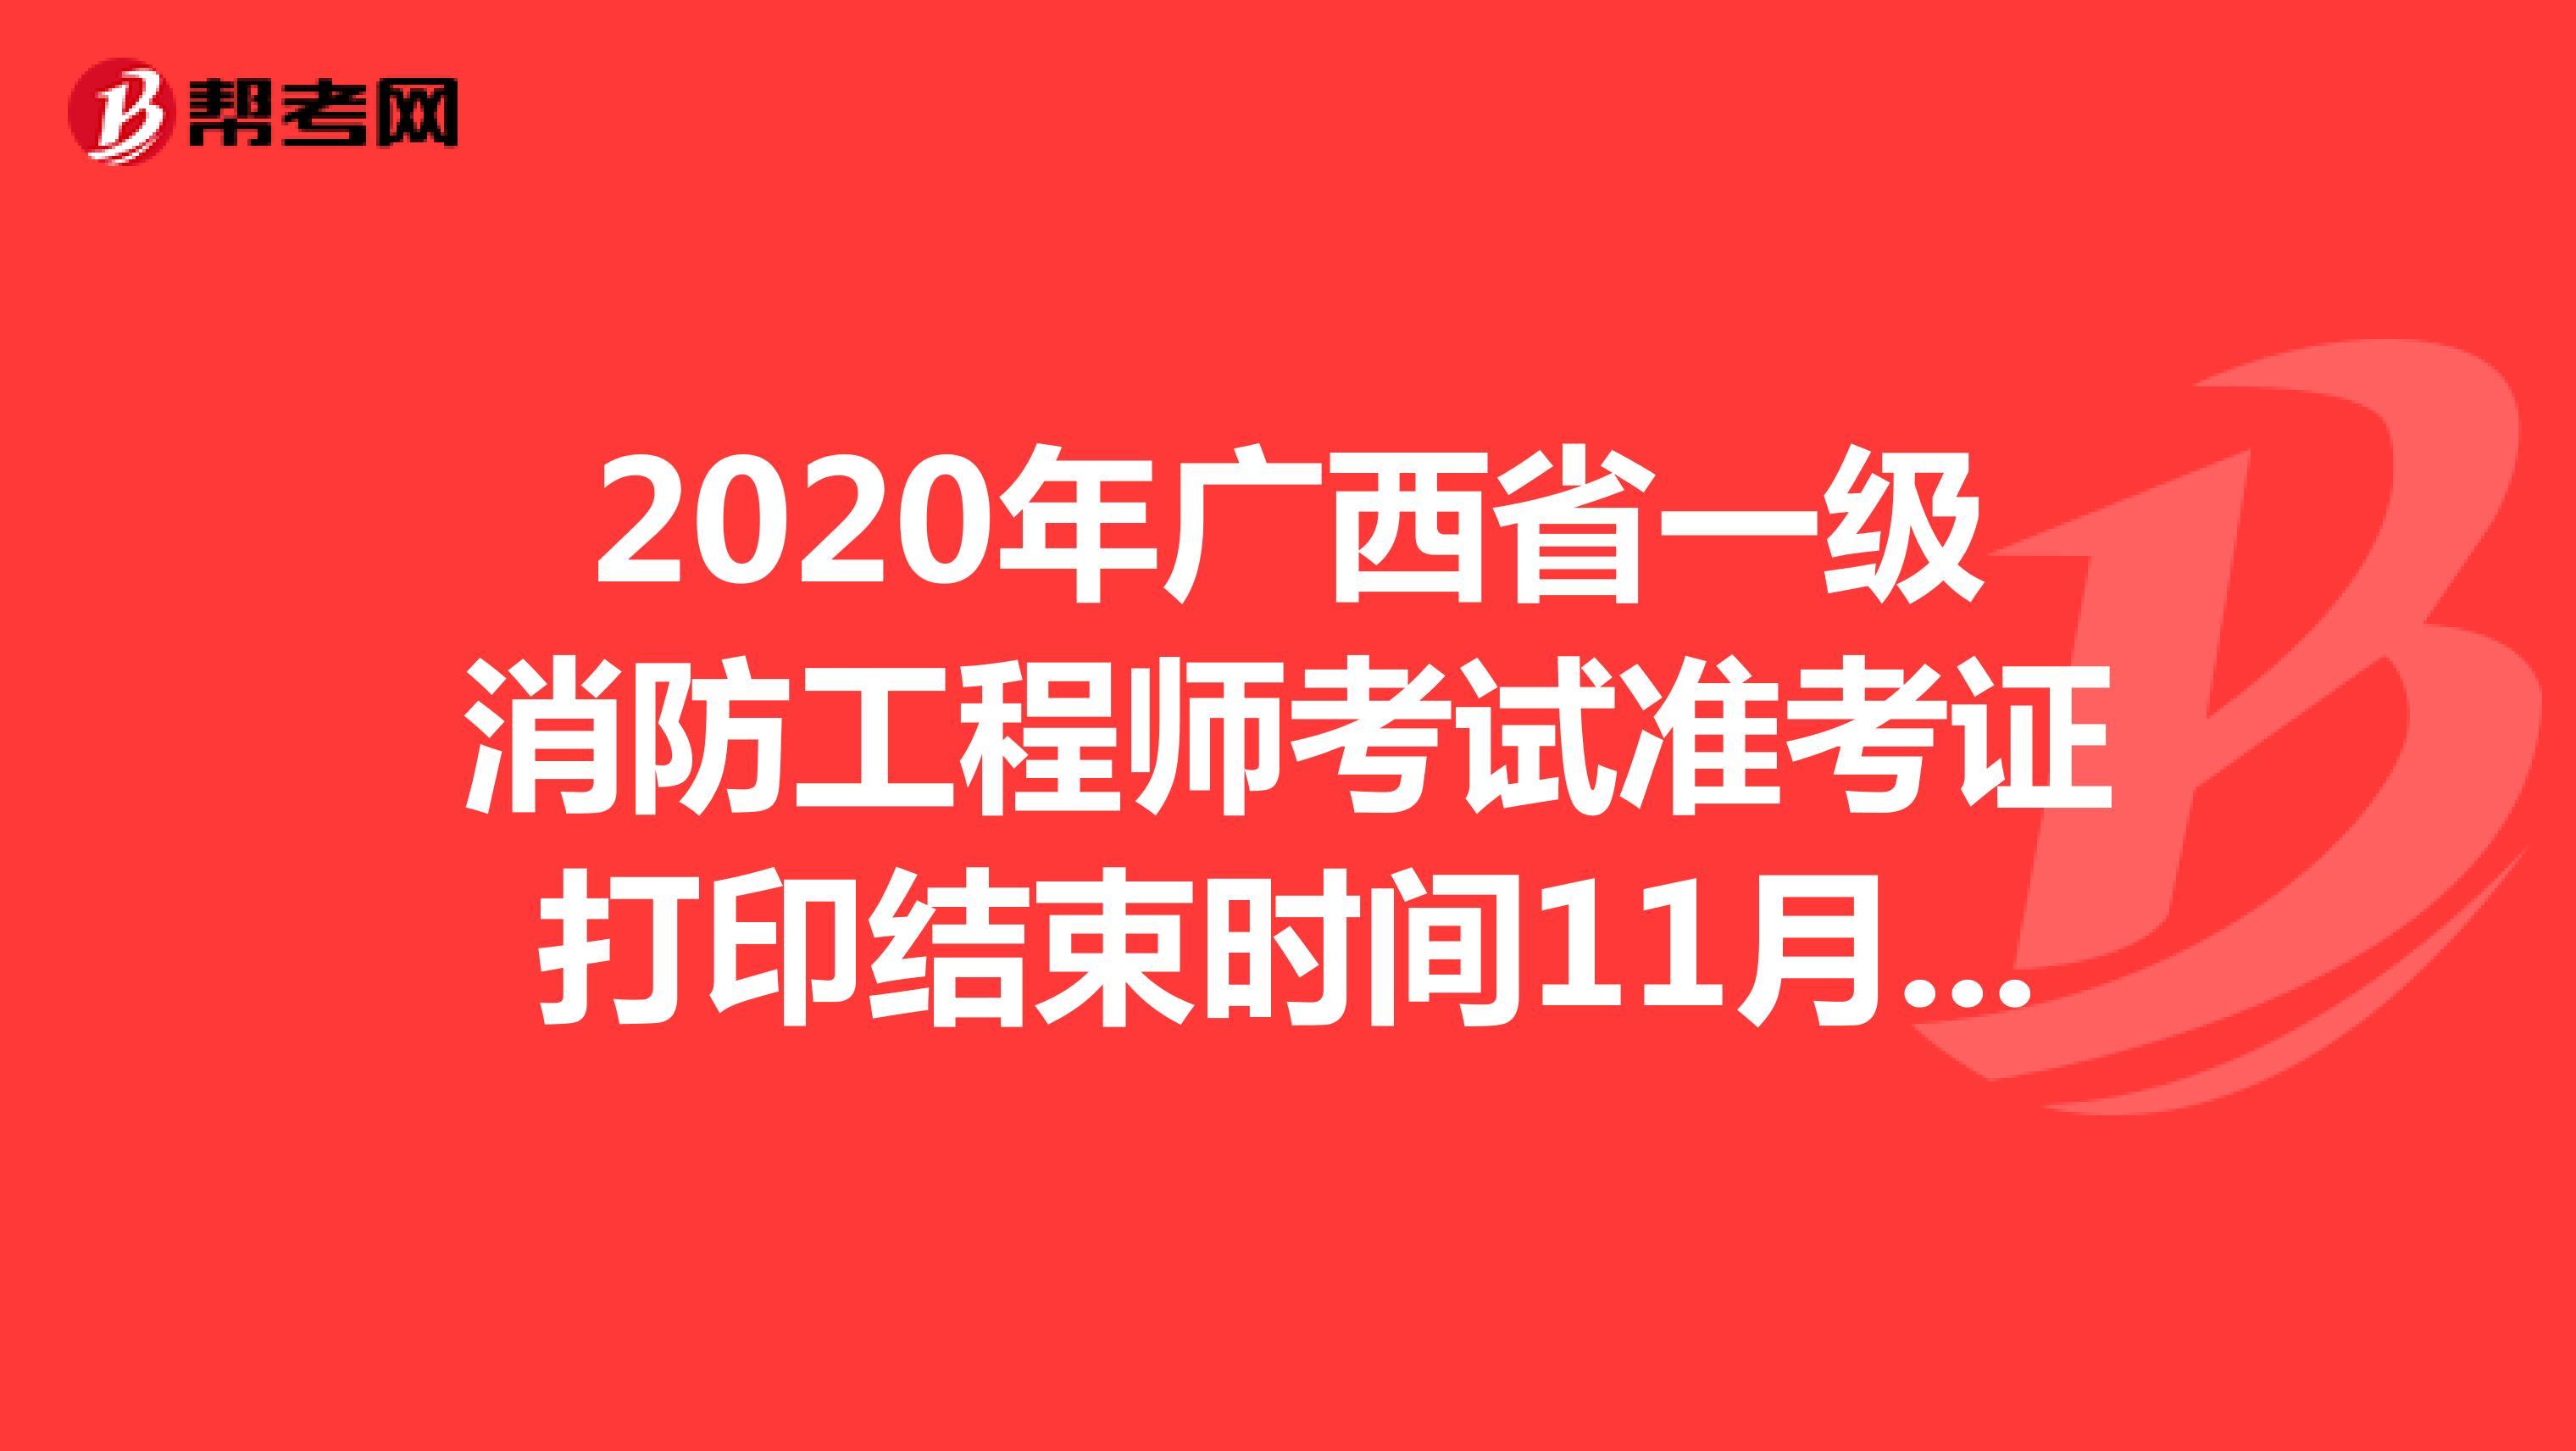 2020年广西省一级消防工程师考试准考证打印结束时间11月8日